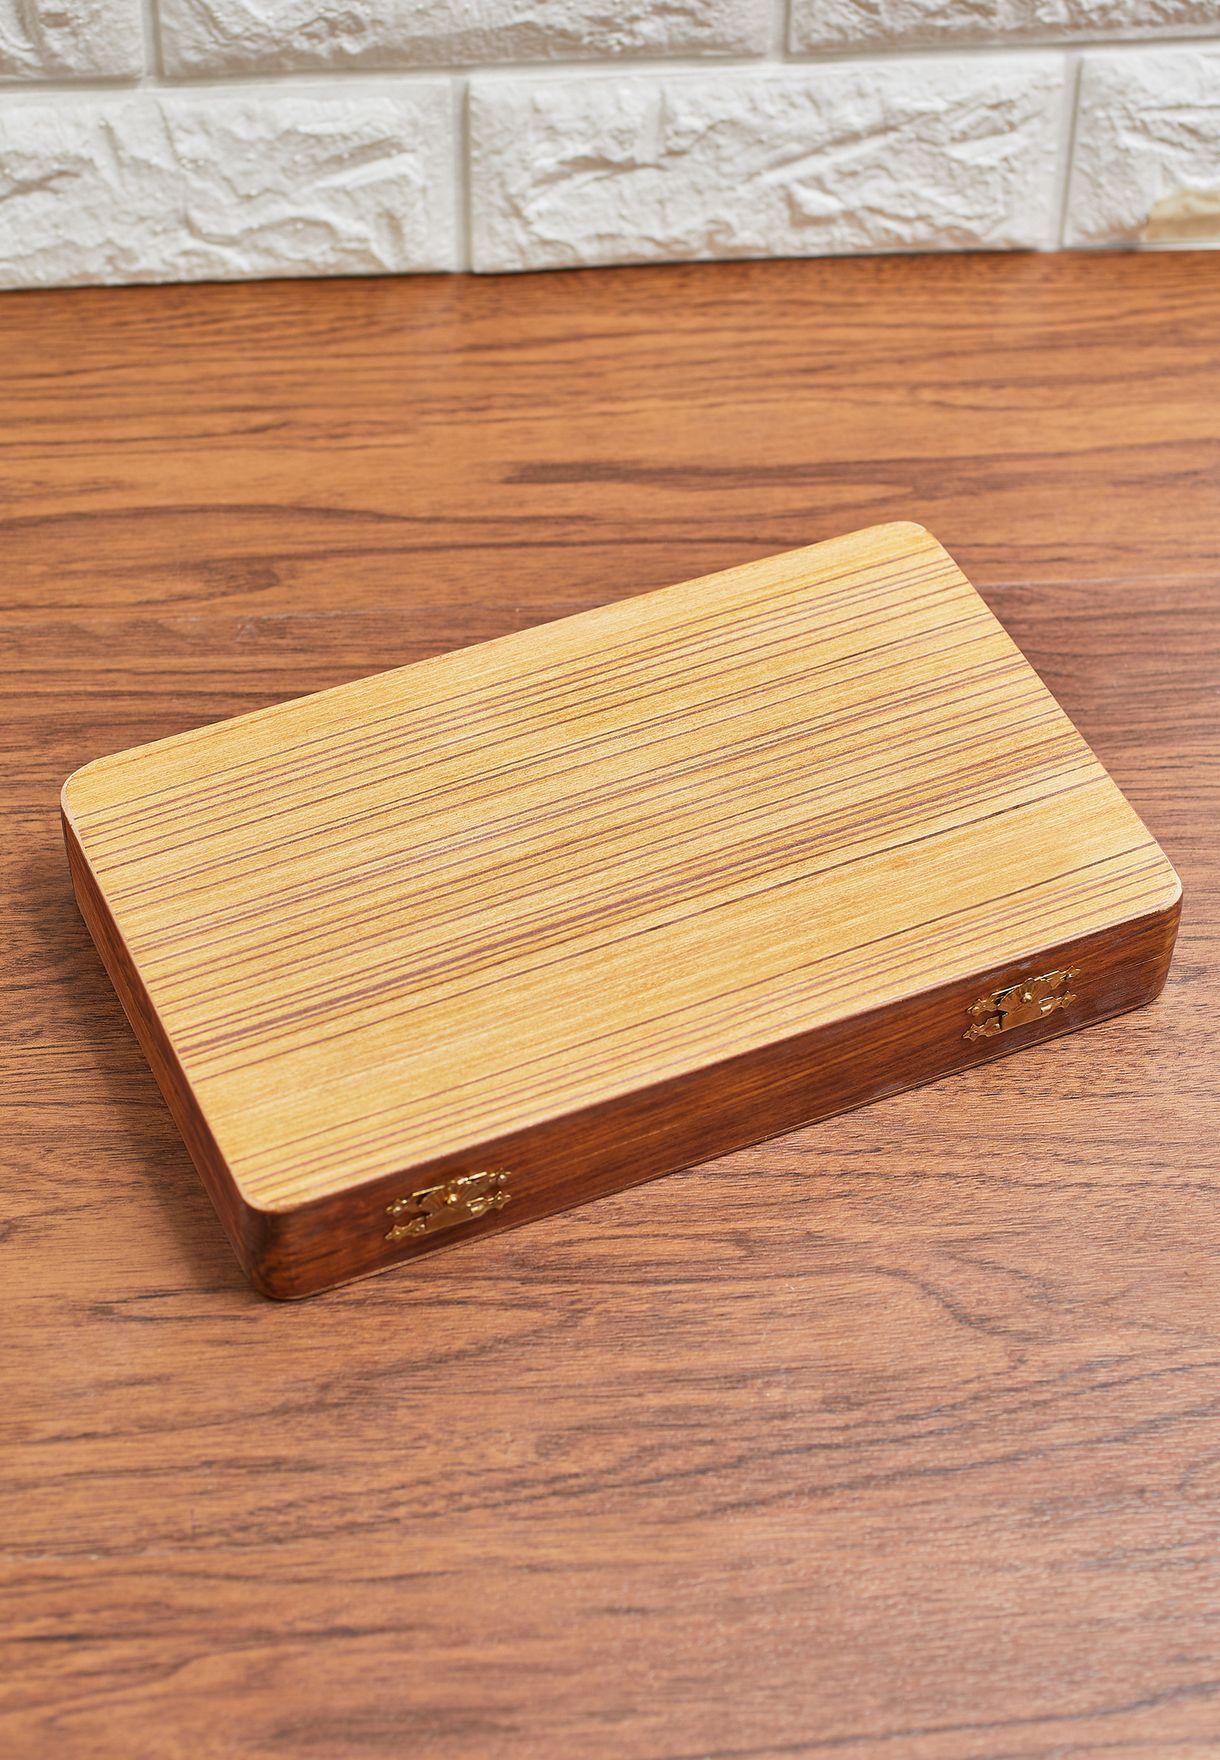 لعبة الطاولة الخشبية